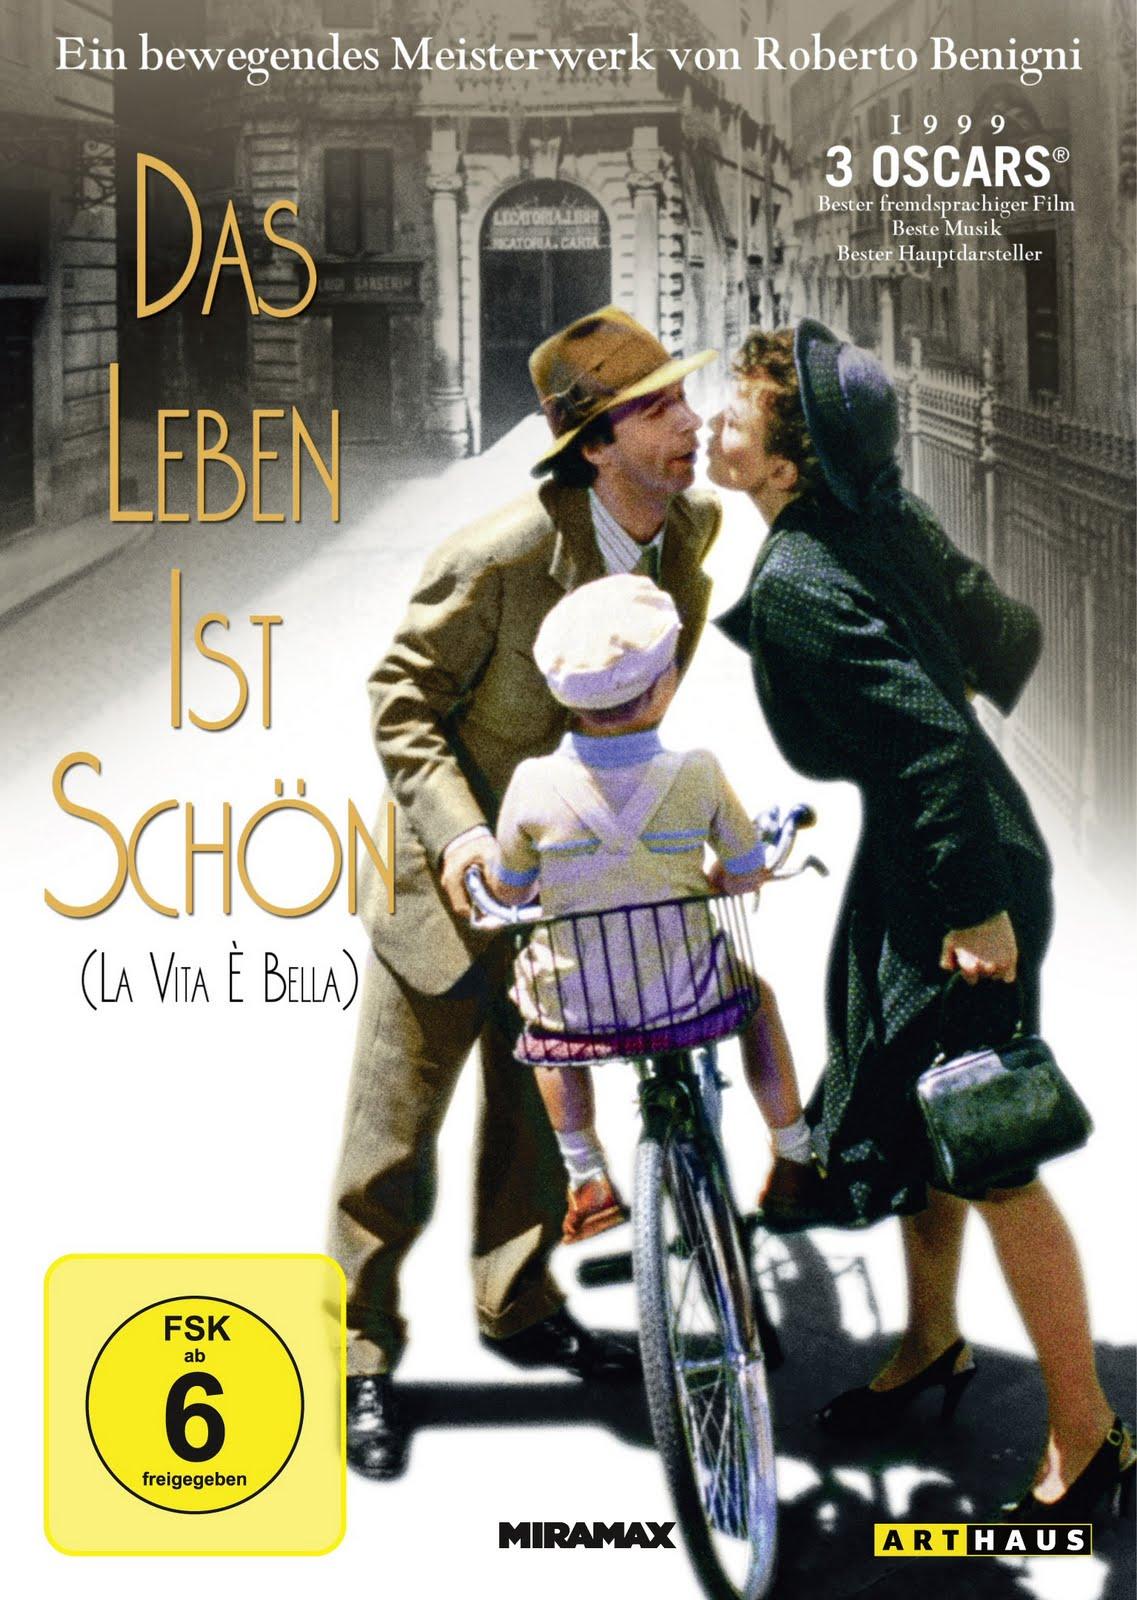 Schaffhausen film